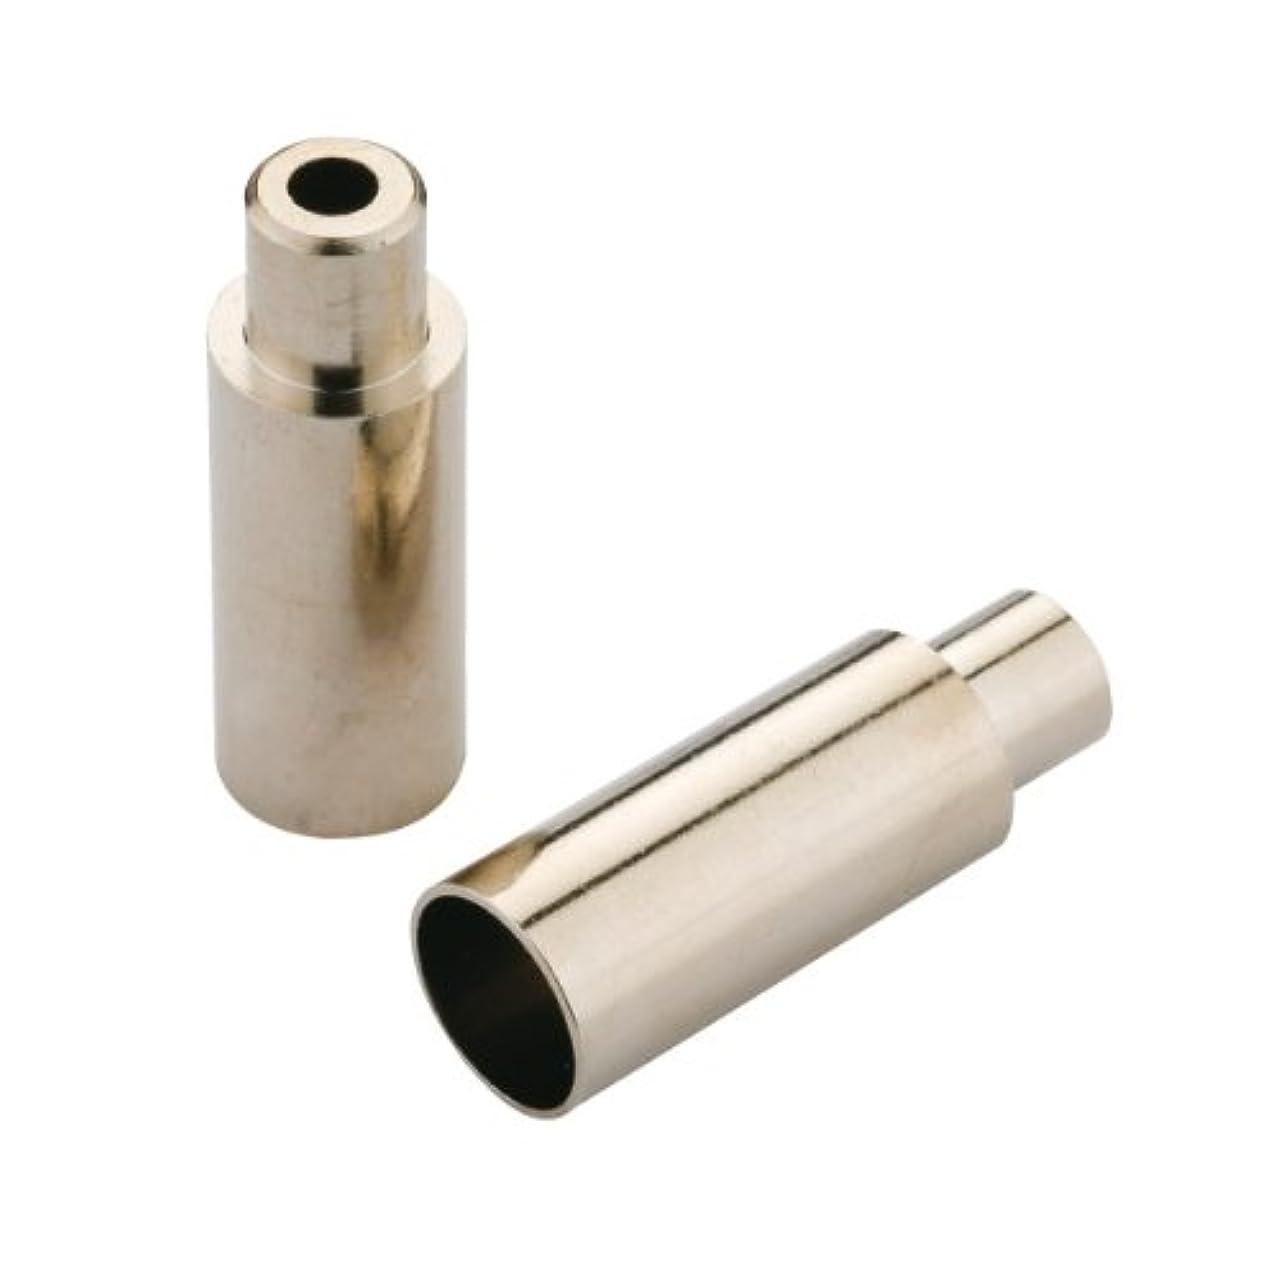 神秘的なジェーンオースティン冷蔵するJagwire 5mm Open End Caps, Chrome Plated, Bottle of 100 by Jagwire